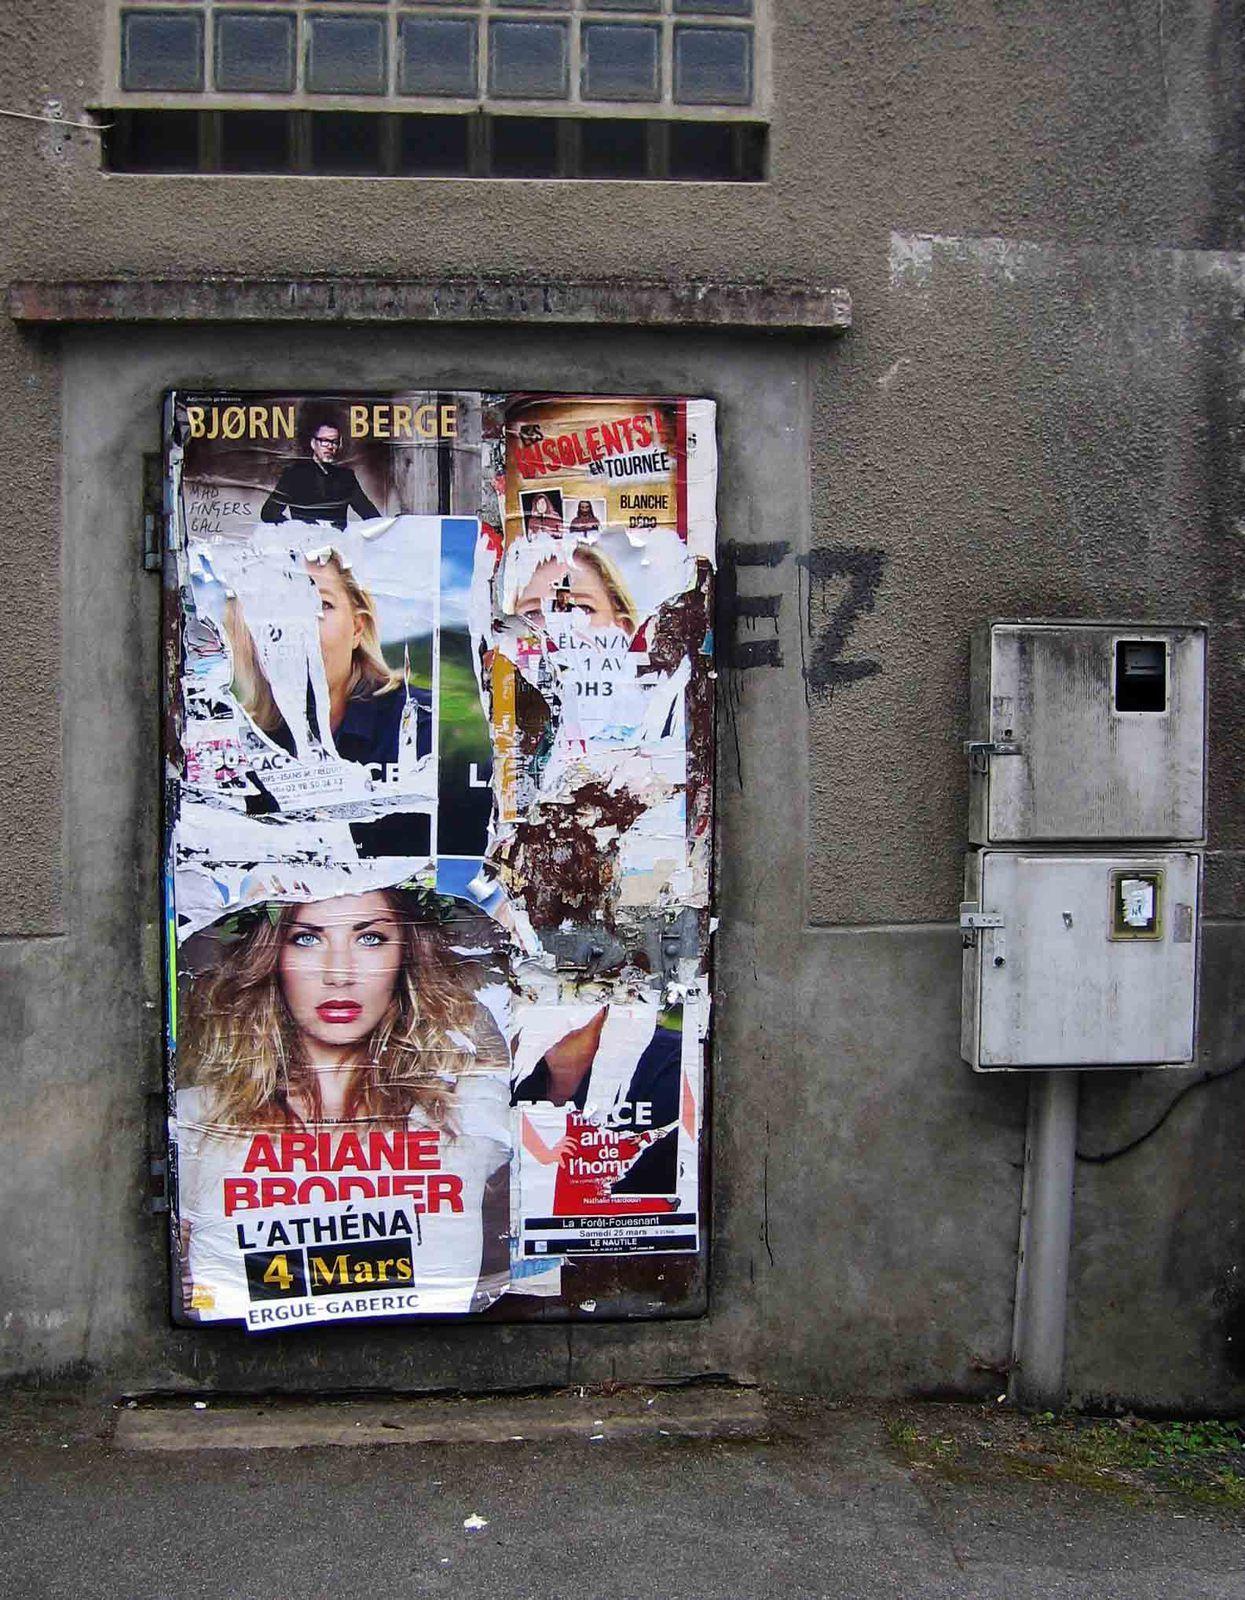 Début mars : Ça déchire toujours grave, mais toujours aussi gravement pour les jeunes : ailleurs qu'à Pont-Aven !